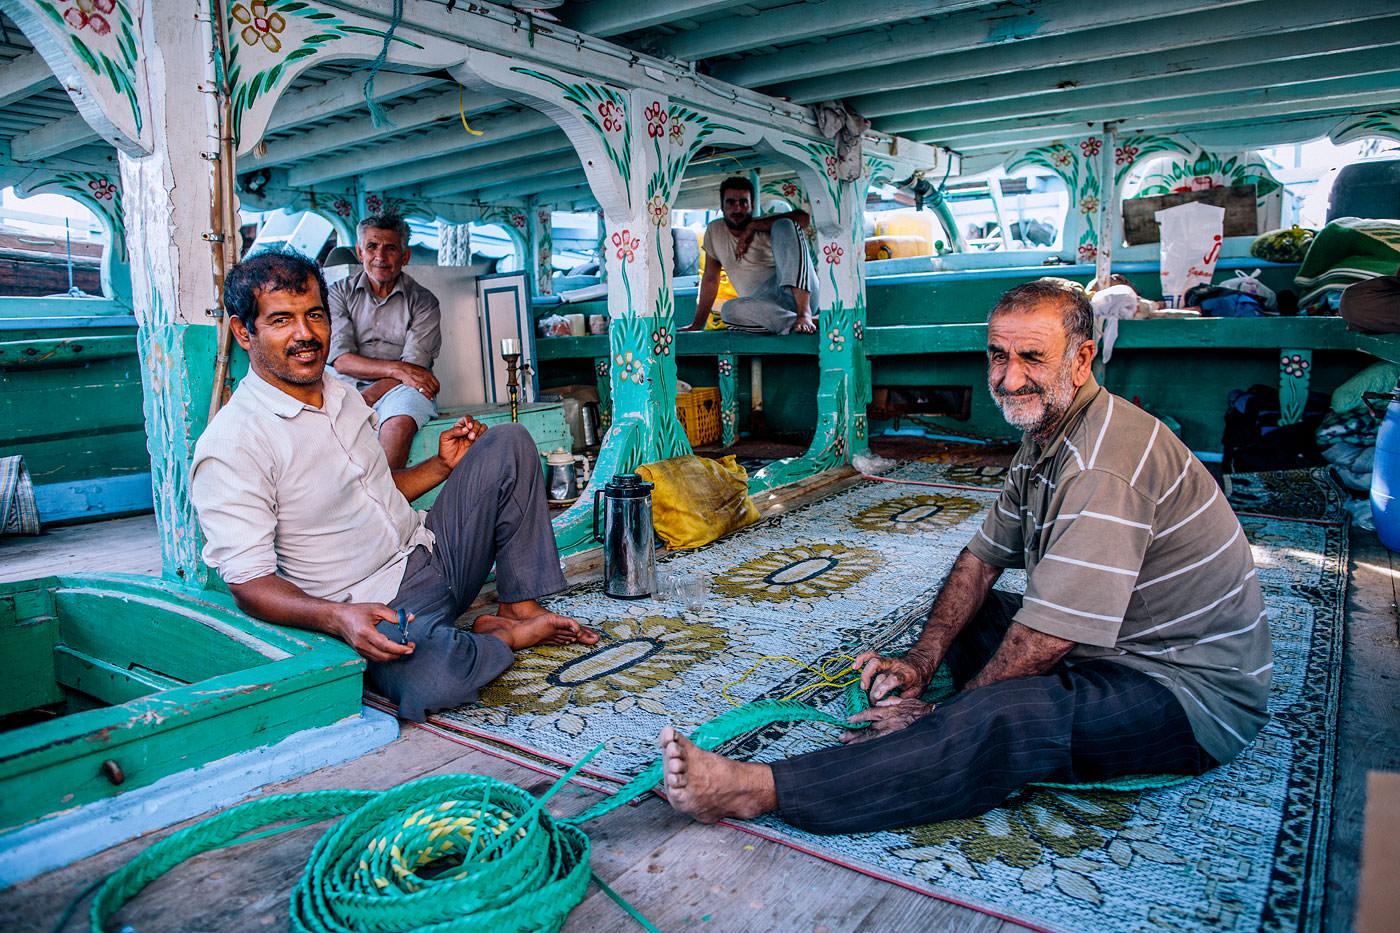 Khor Dubai, Dubai, UAE